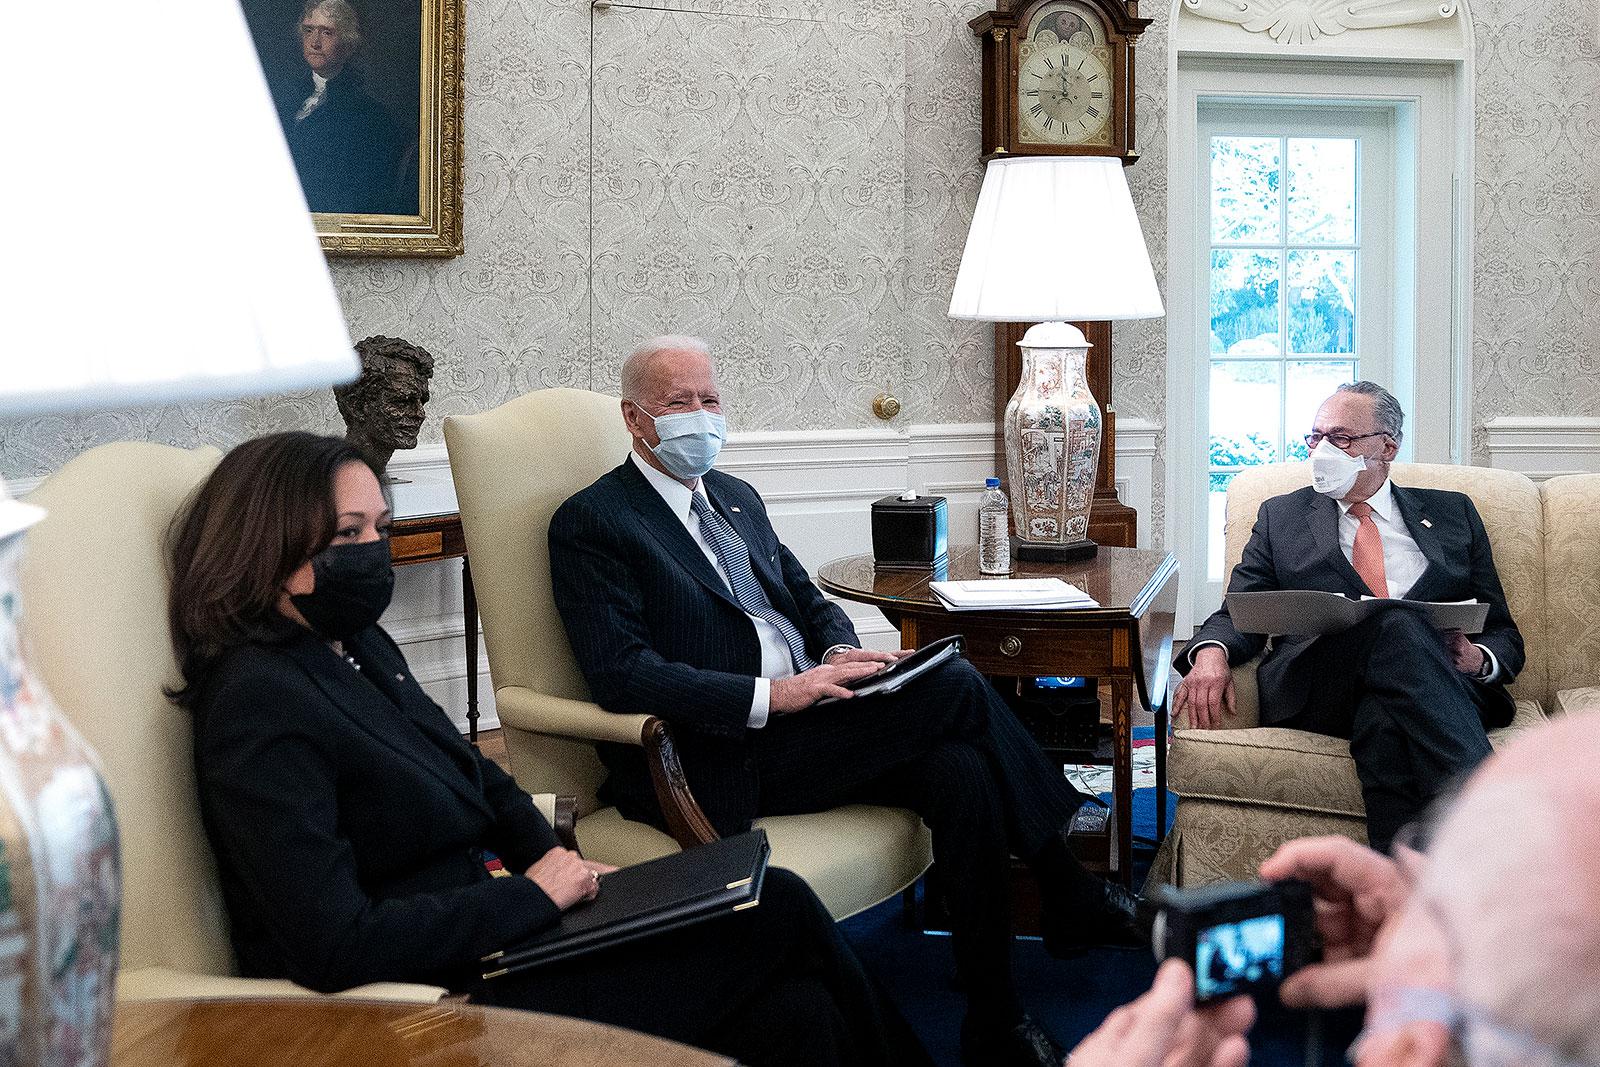 बाएं से, उपराष्ट्रपति कमला हैरिस, राष्ट्रपति जो बिडेन, और सीनेट मेजरिटी लीडर चक शूमर ओवल ऑफिस में डेमोक्रेटिक सीनेटरों के साथ बैठक करते हैं।